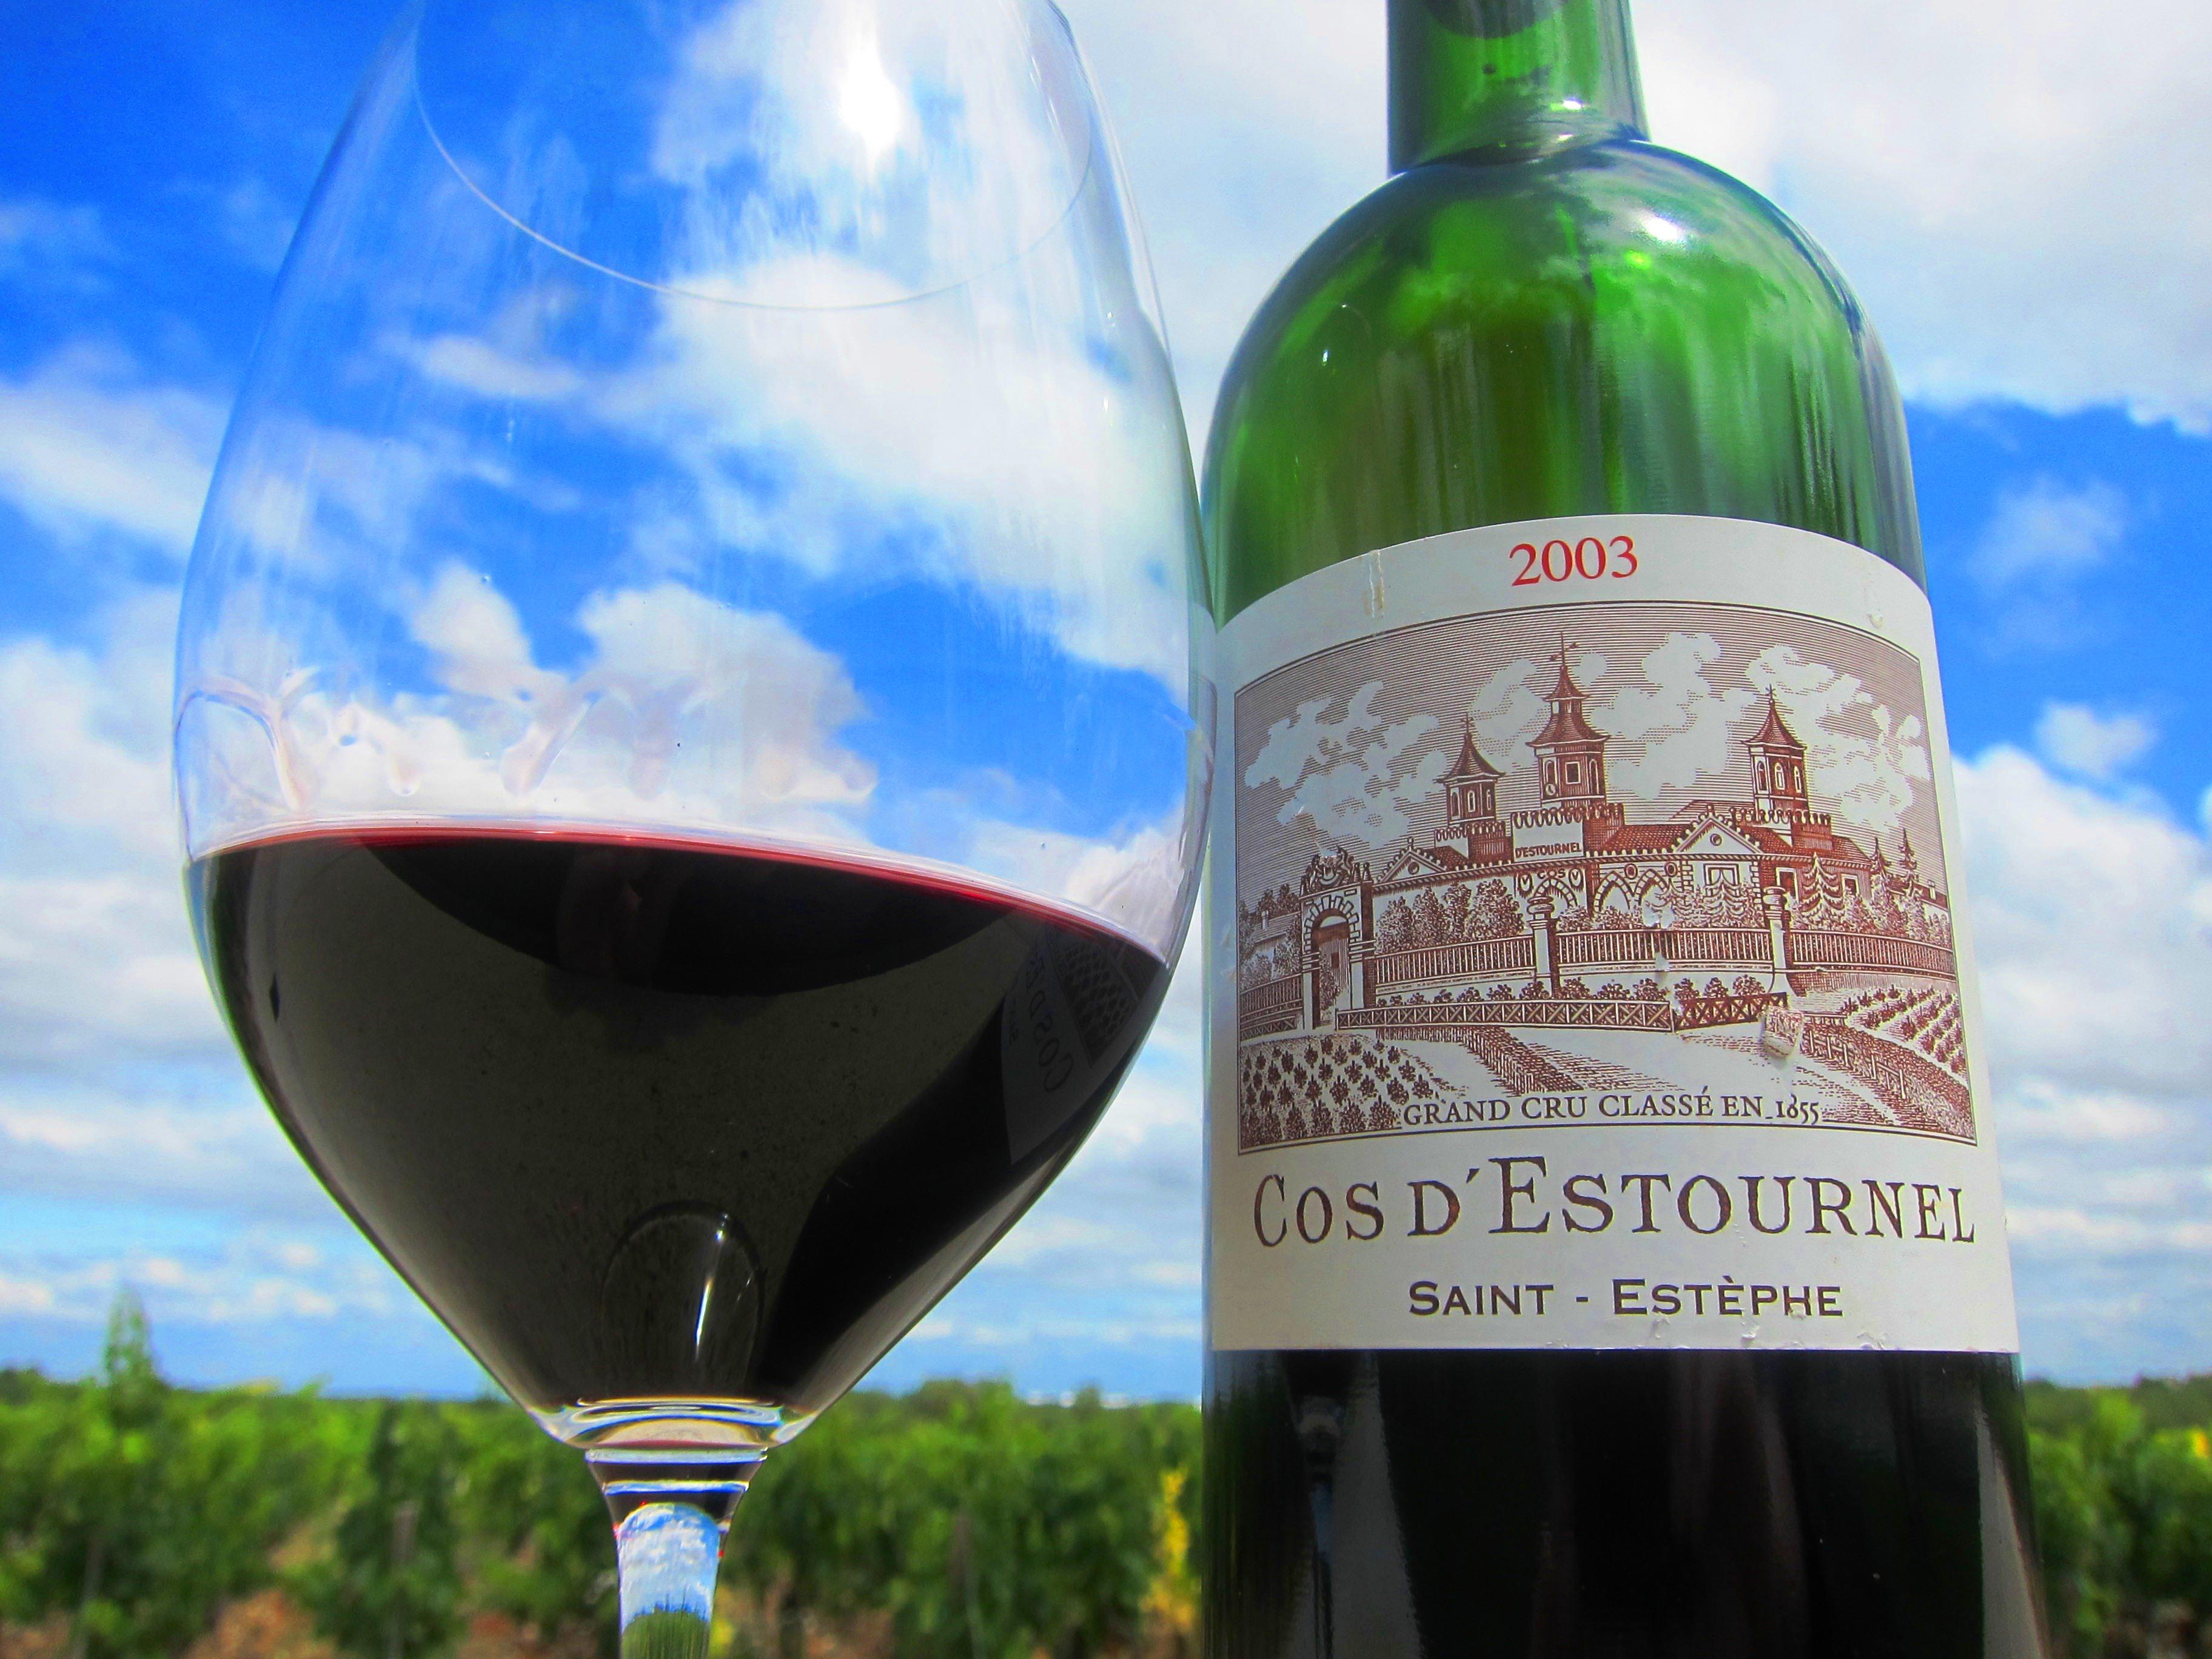 Chateau Cos d'Estournel Bordeaux Wine